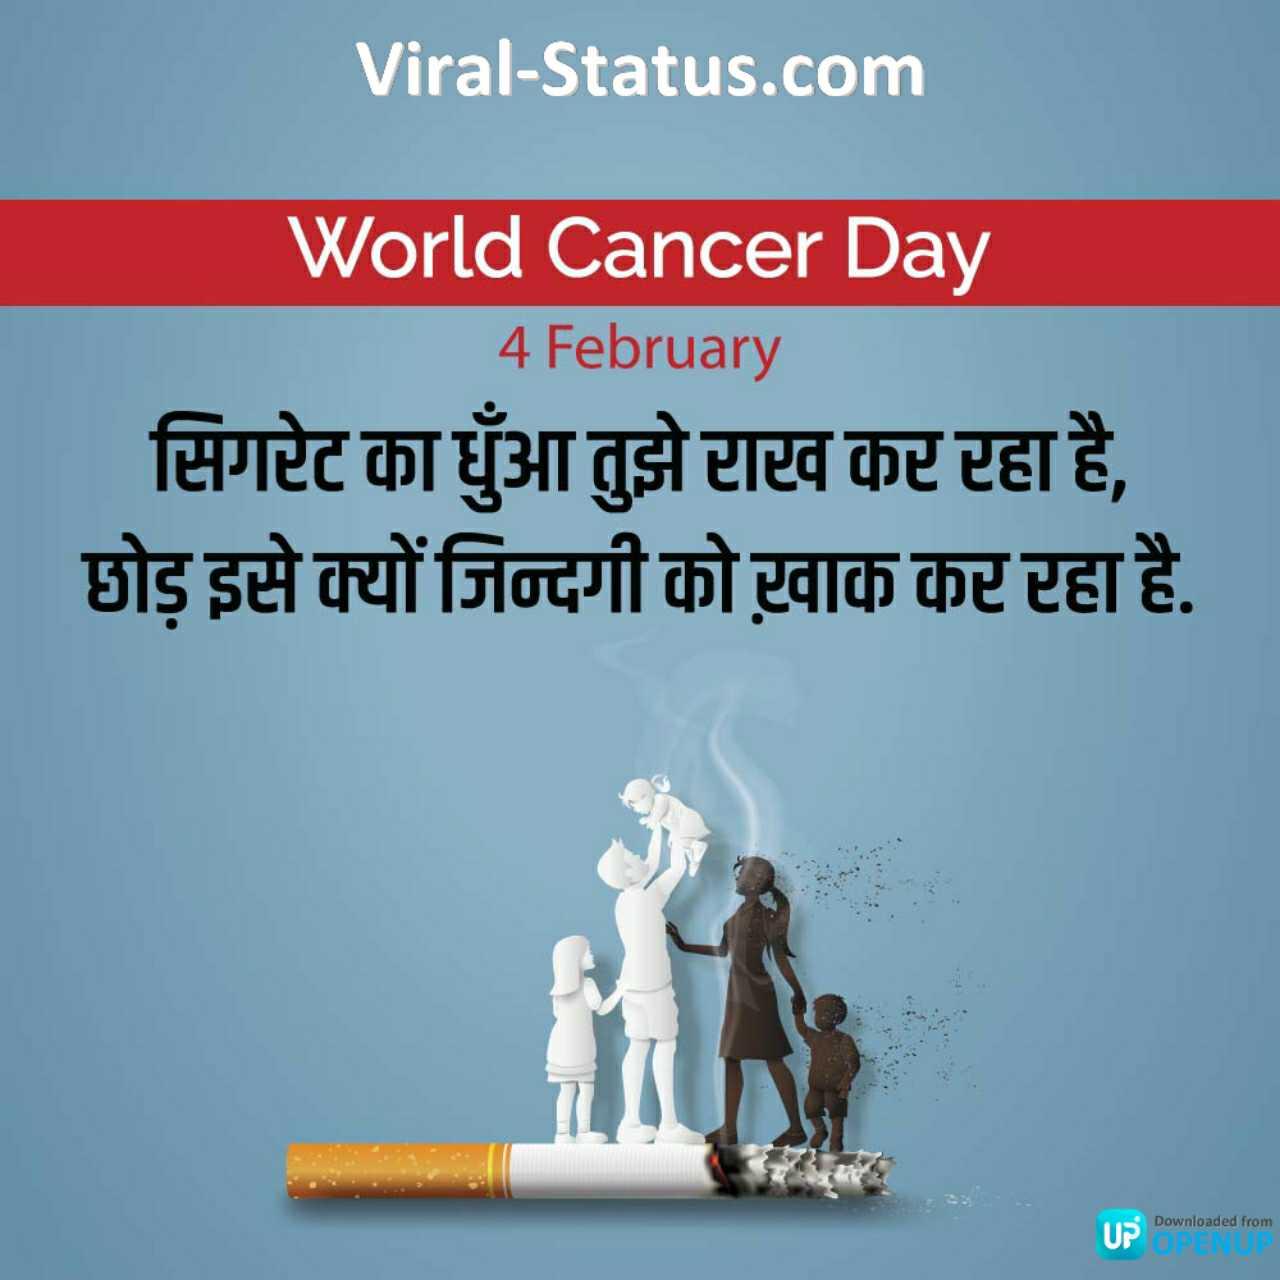 world cancer day 2020 theme